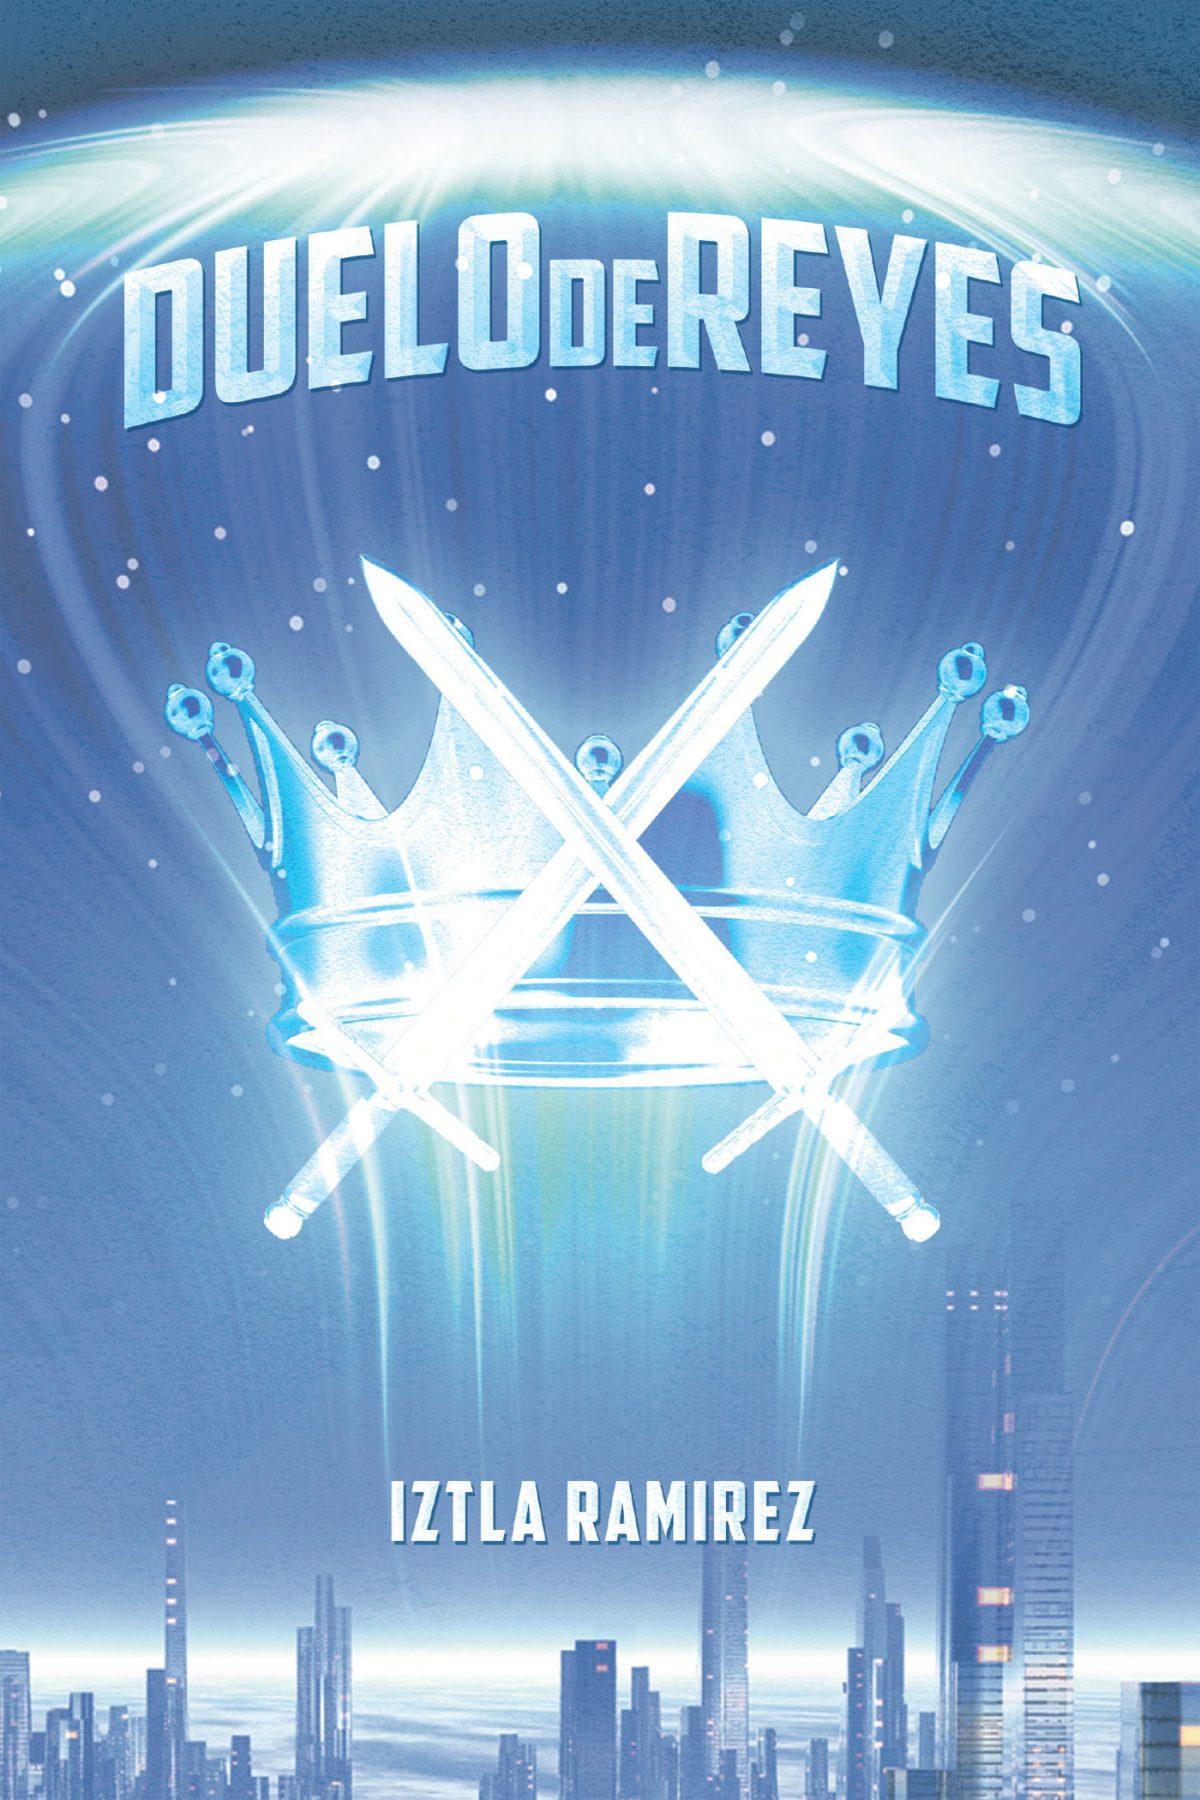 El Nuevo Libro Publicado De Iztla Ramírez, Duelo De Reyes, Nos Sumerge En Una Aventura Donde El Amor Y Lucha Por La Libertad Están En Juego